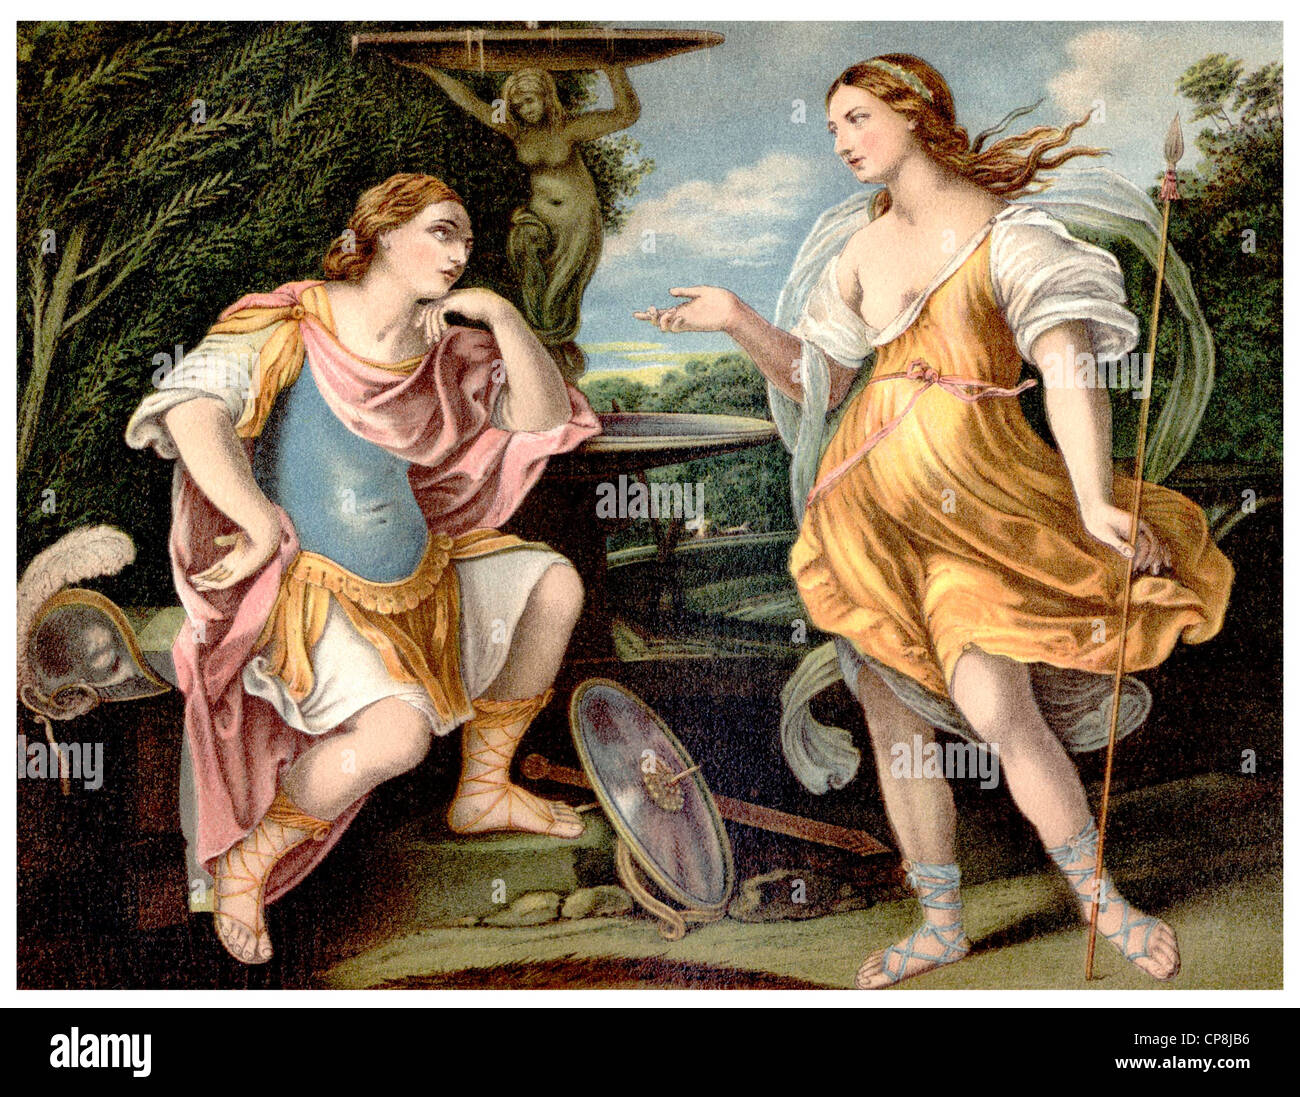 Historische Darstellung aus dem 19. Jahrhundert, nach einem Gemälde von Guido Reni, 1575-1642, ein italienischer Stockbild